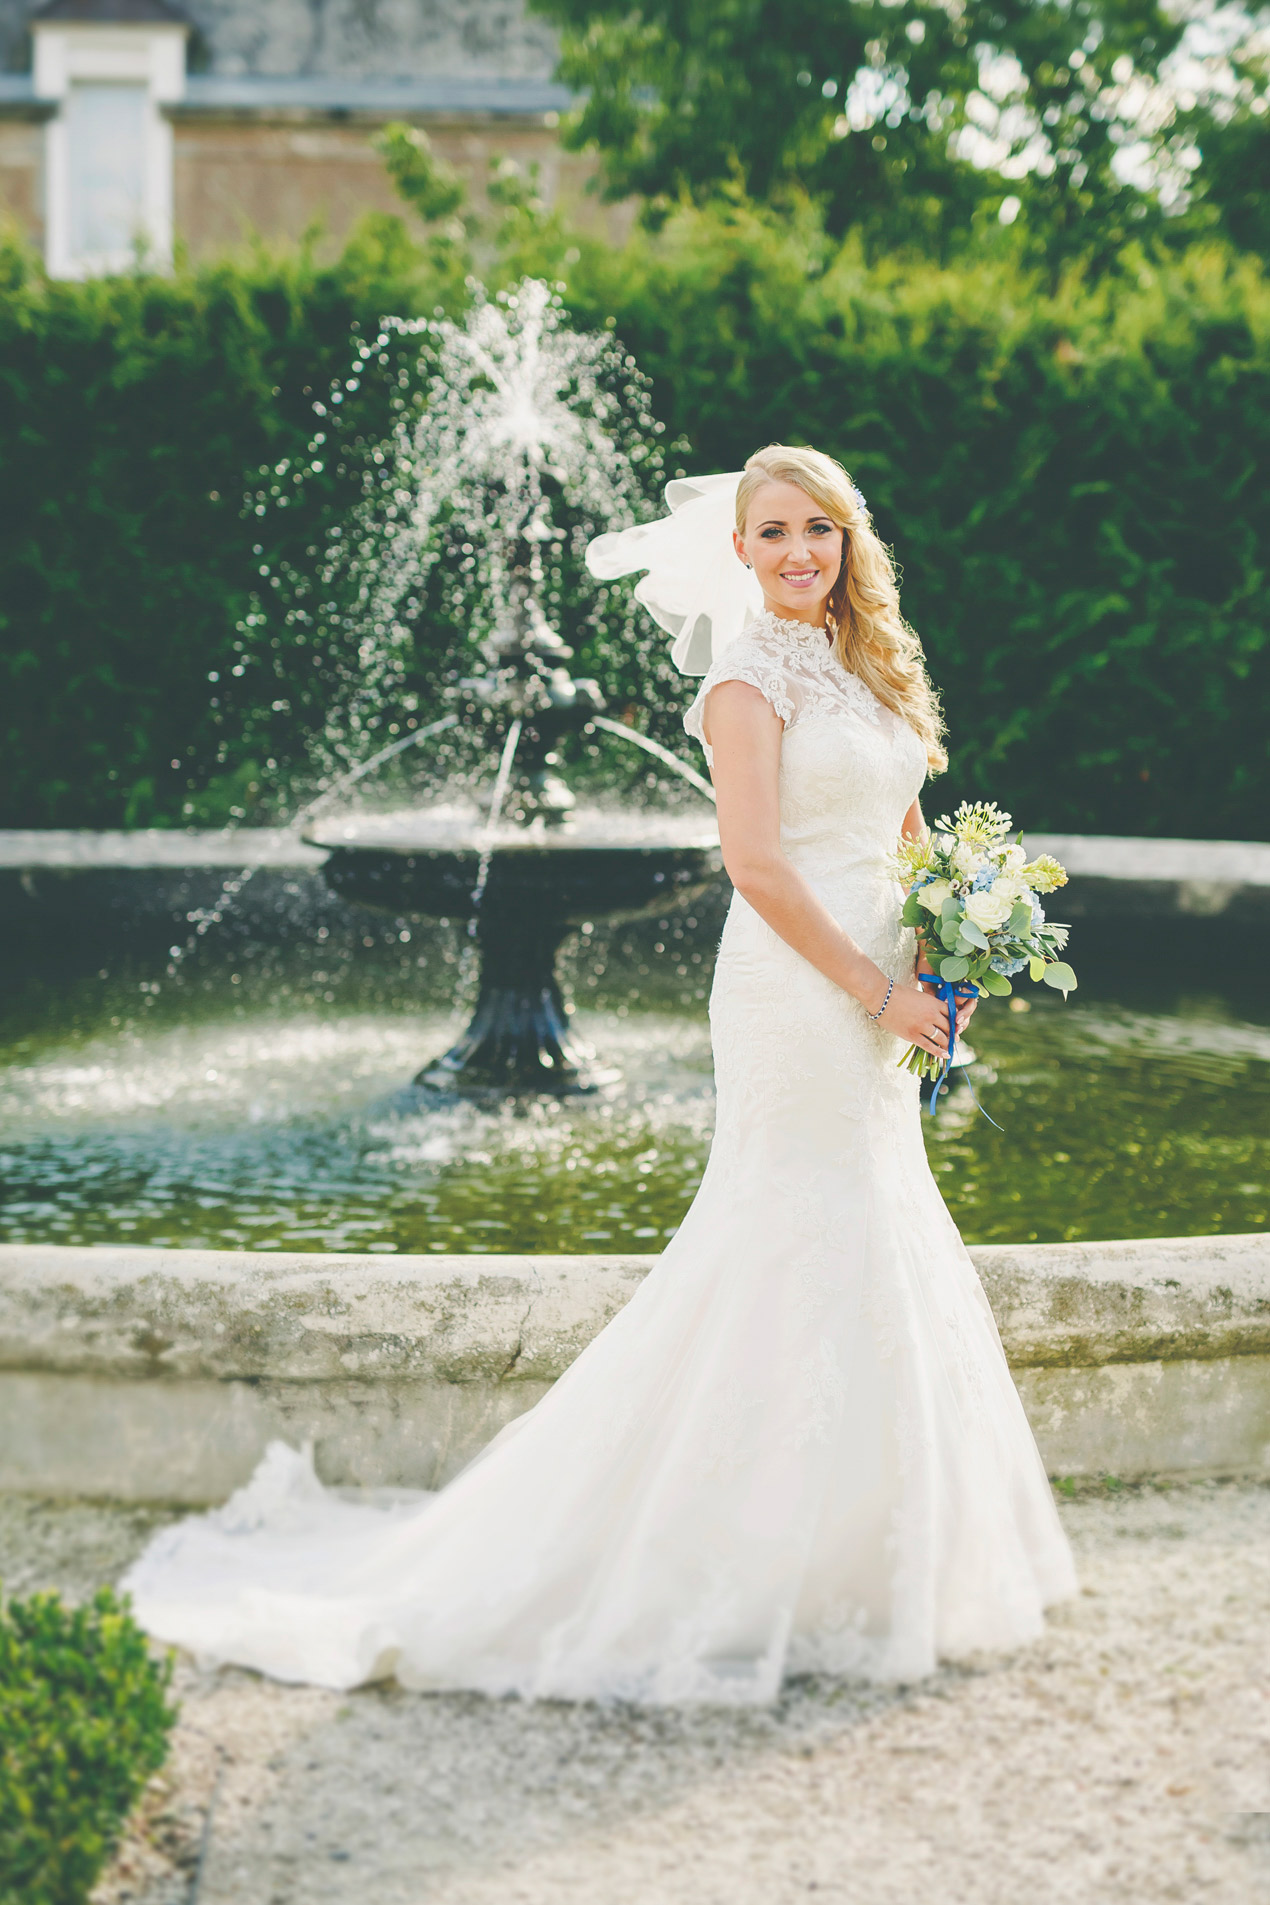 Pałac Brunów, wesele, ślub, zdjęcie przy fontannie, hochzeit in polen location, fotograf